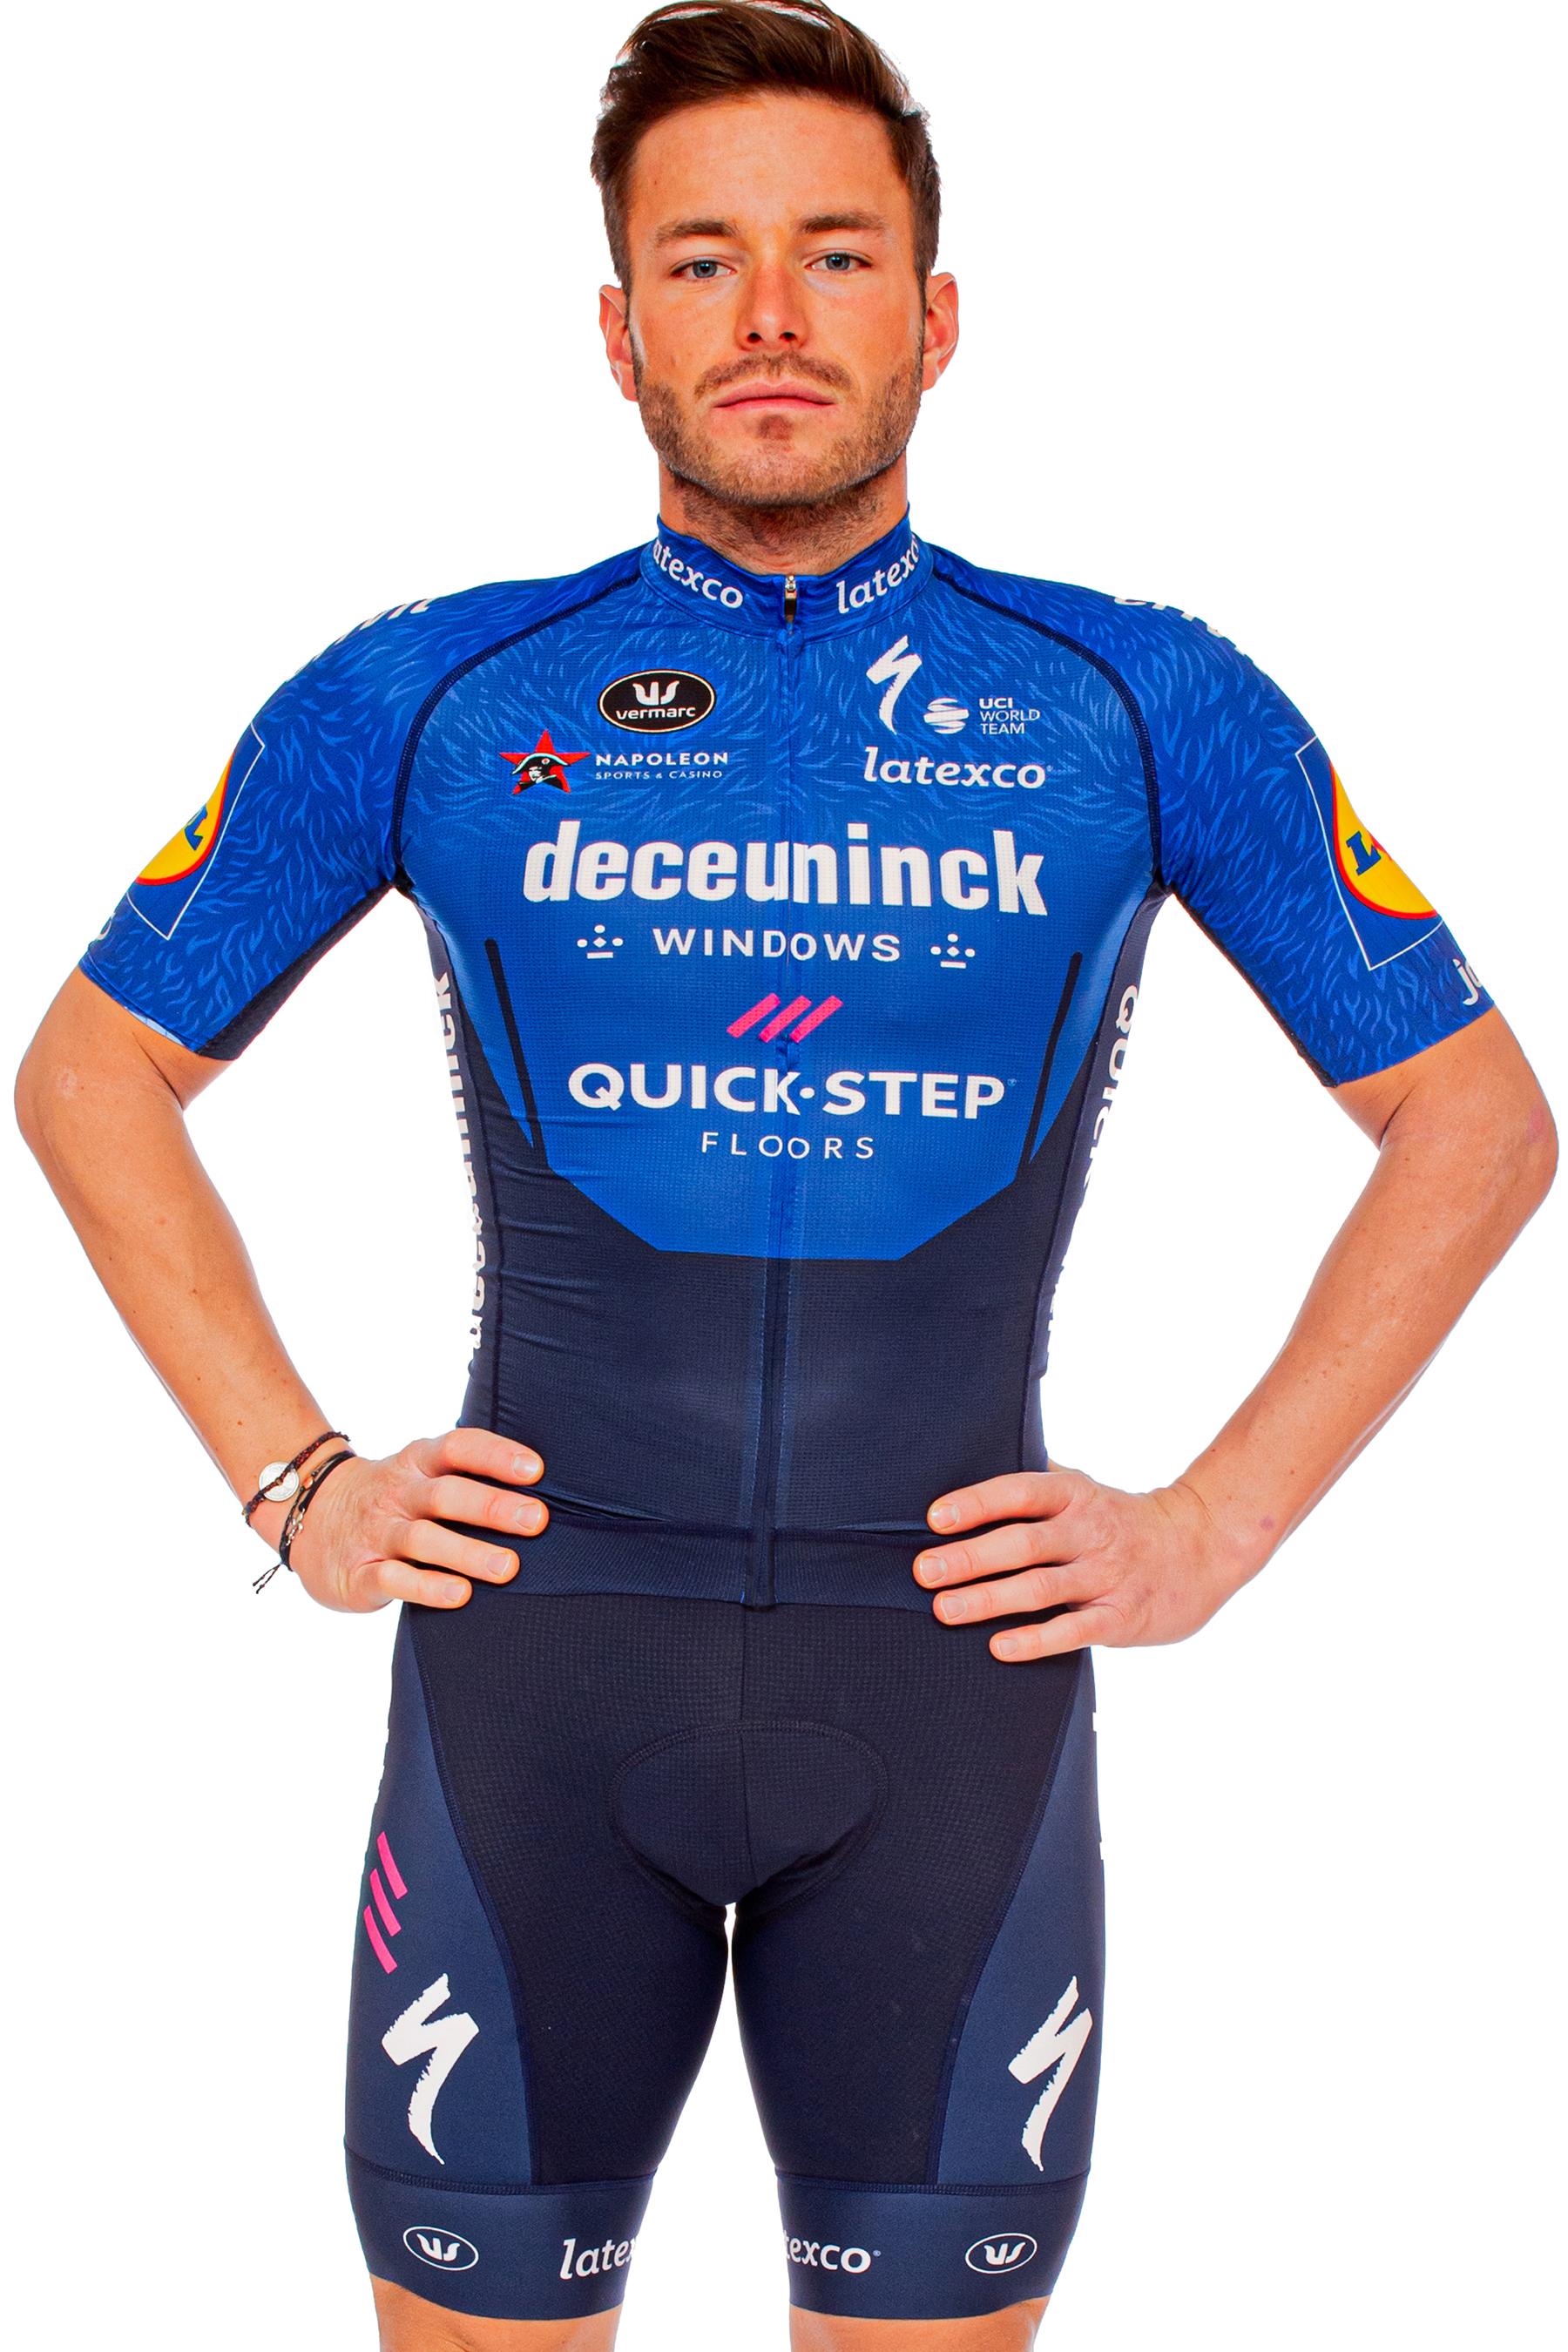 Florian Senechal Deceuninck 2021